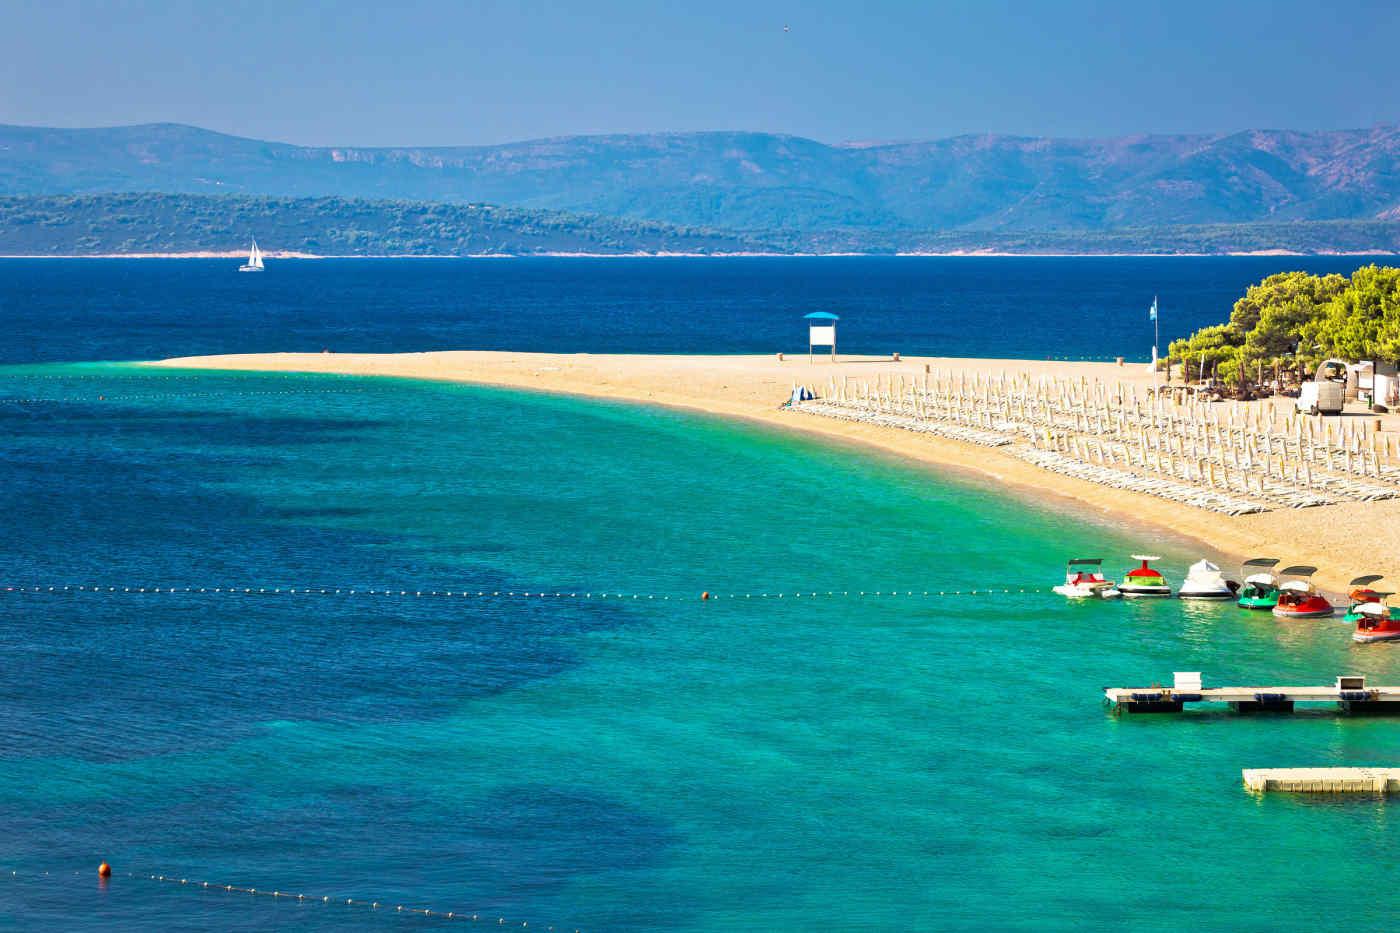 Gold Horn beach